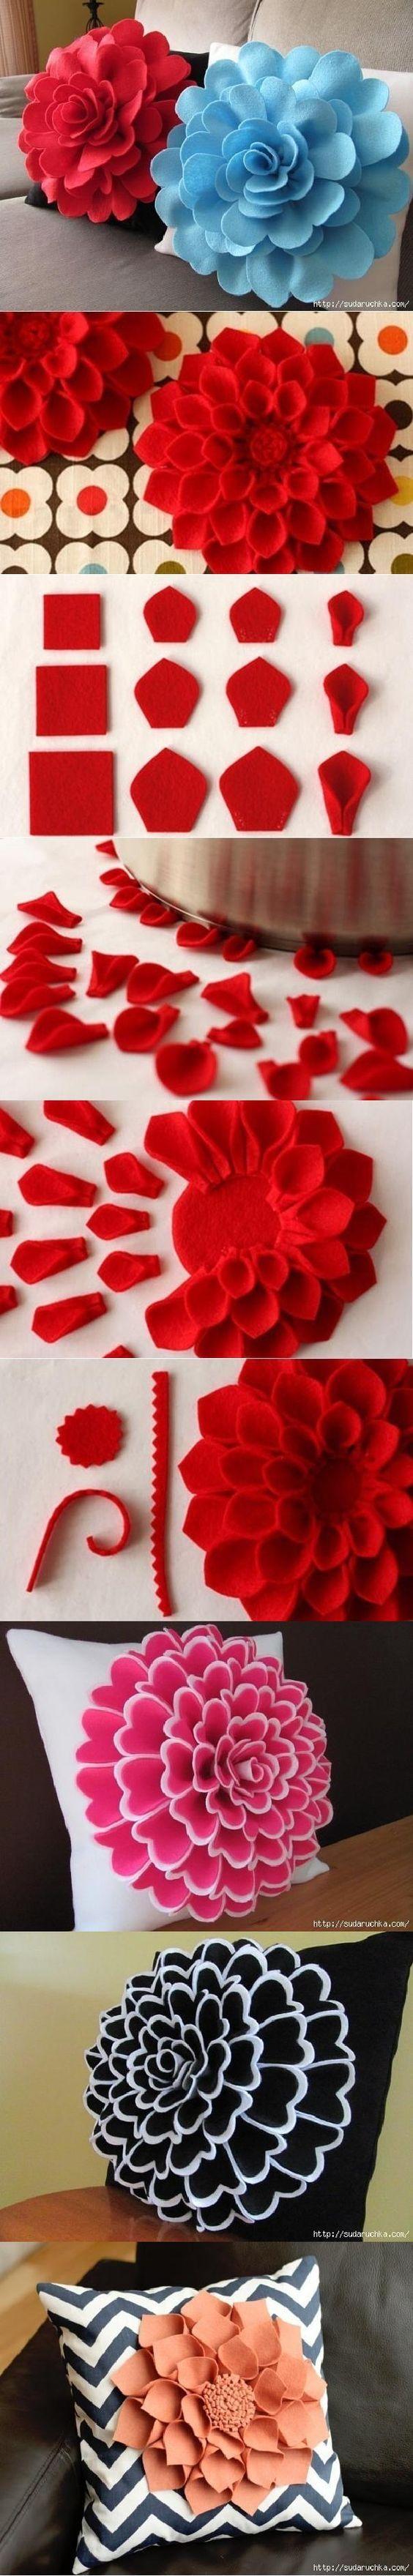 Coussins à fleur: